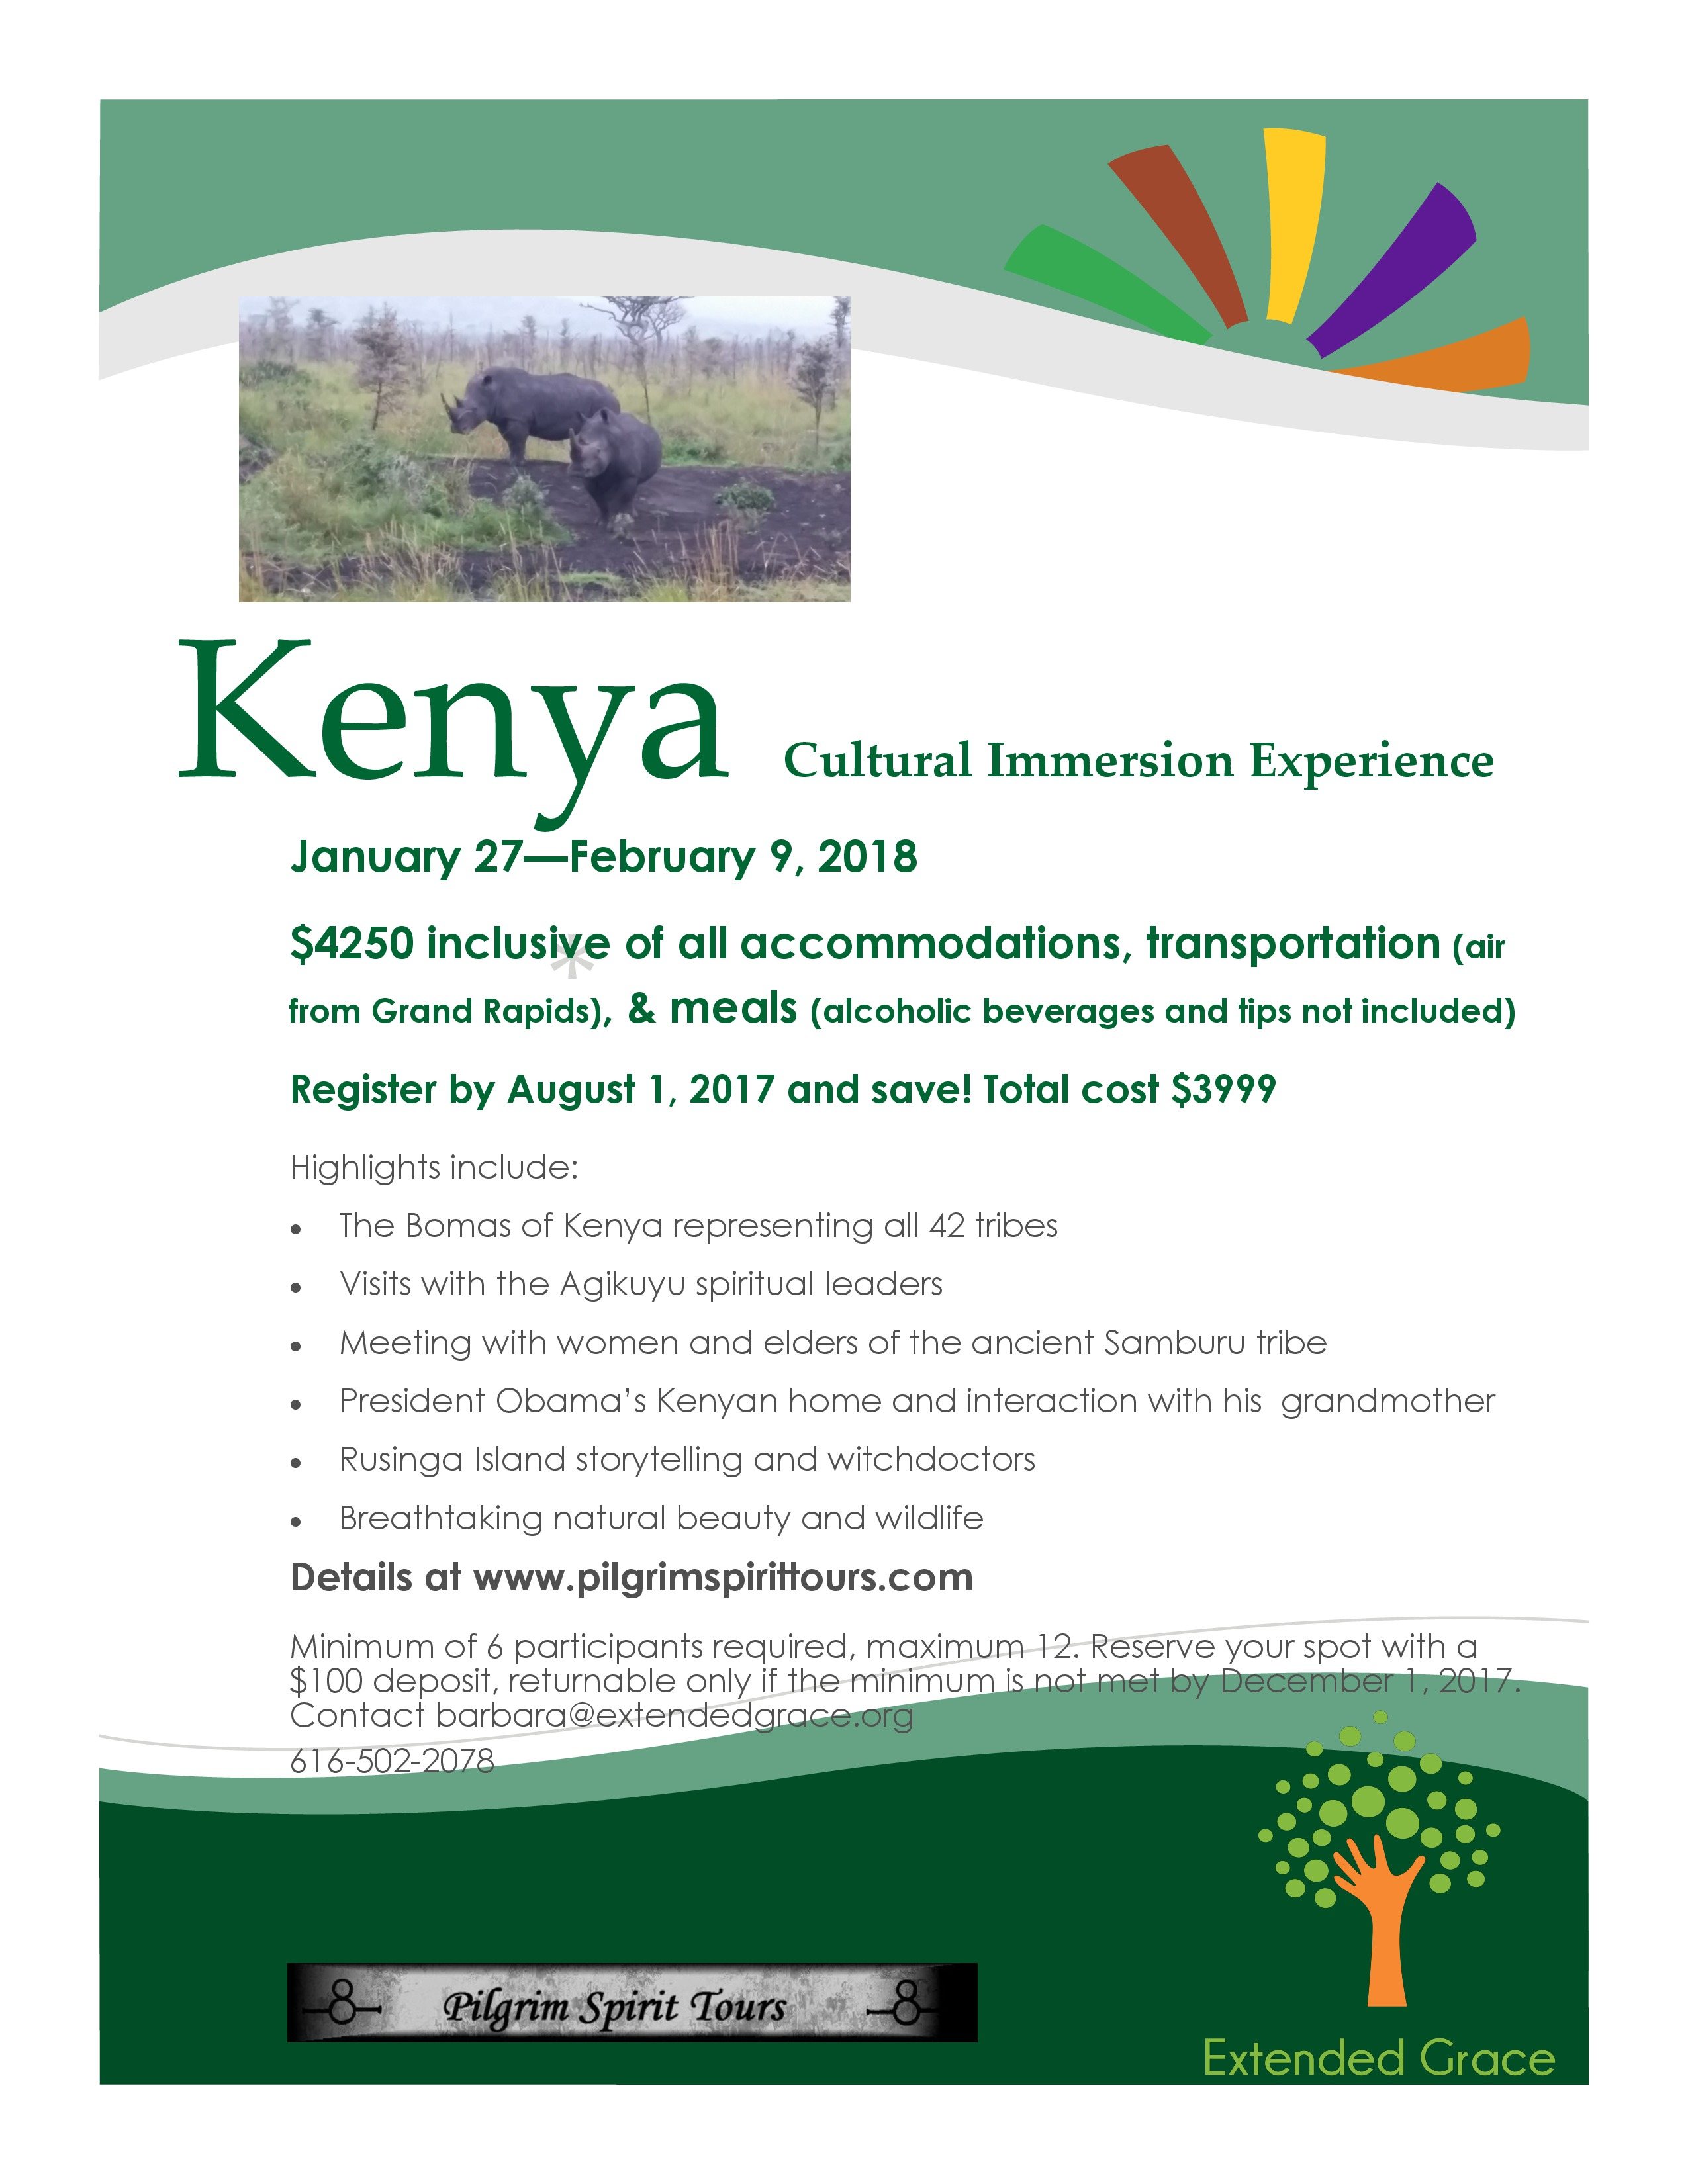 Kenya flyer